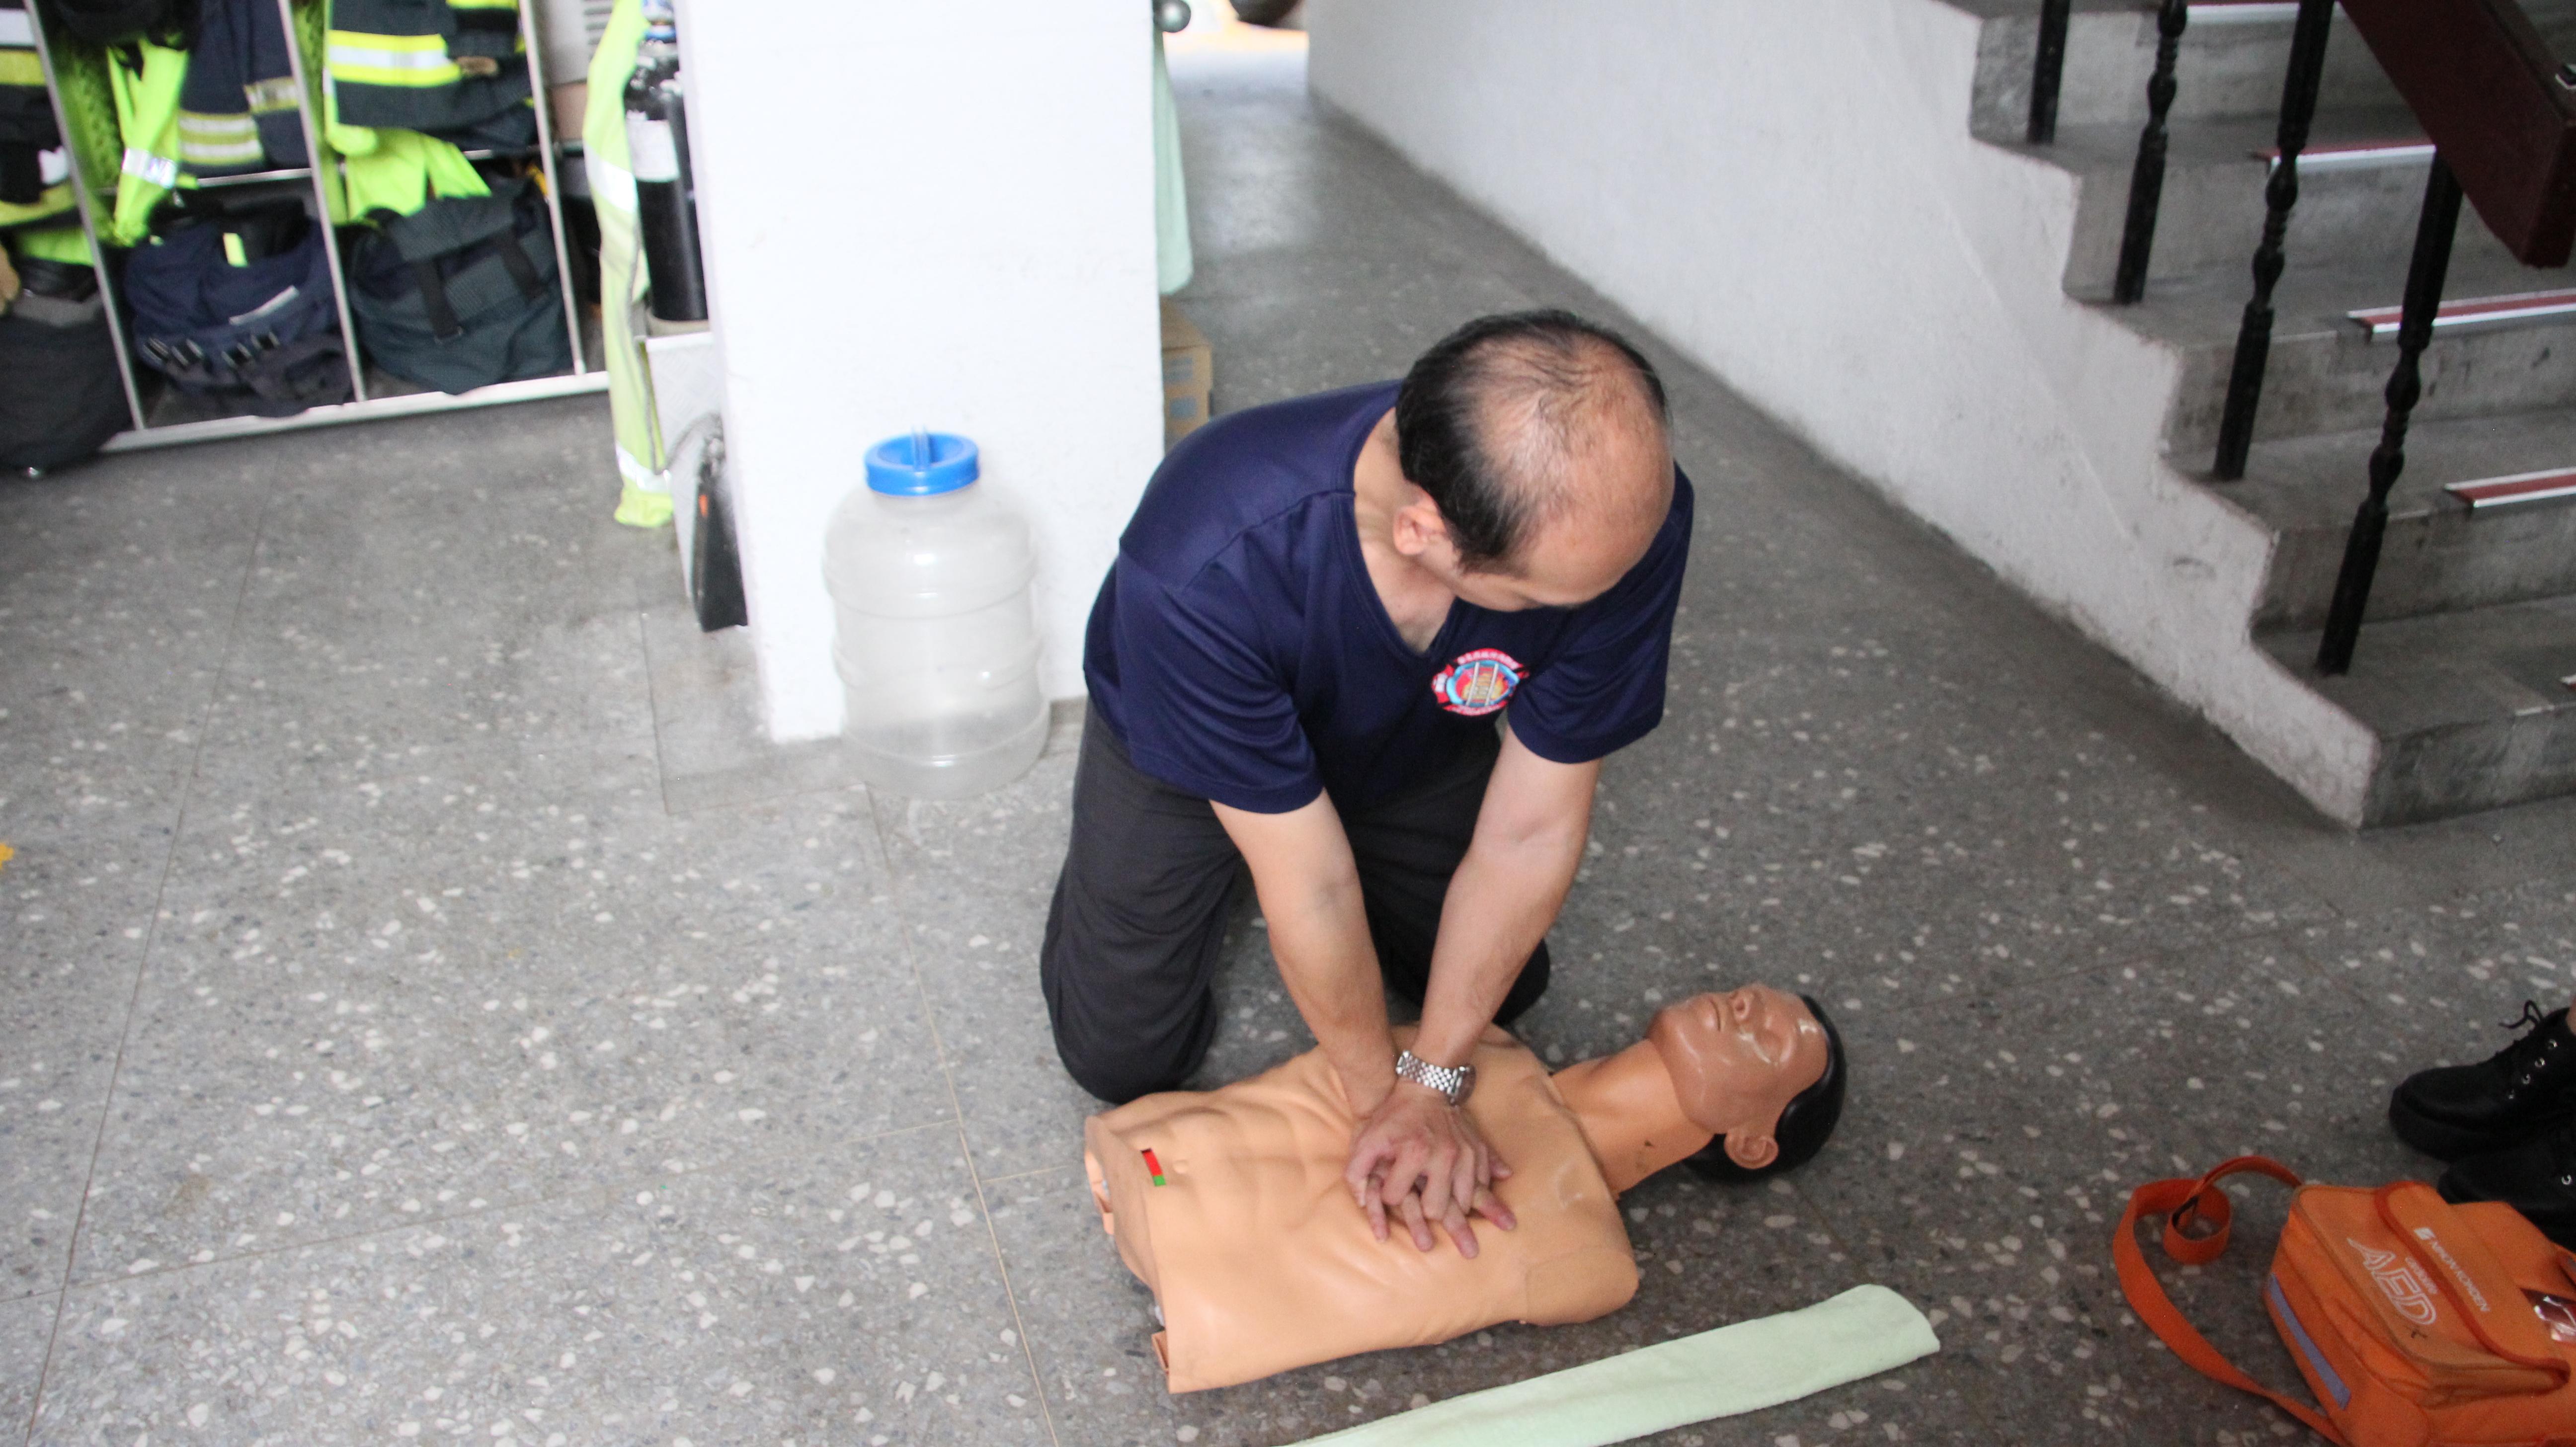 進行CPR時手臂打直,按壓深度五至六公分。(攝影/黃子洋)